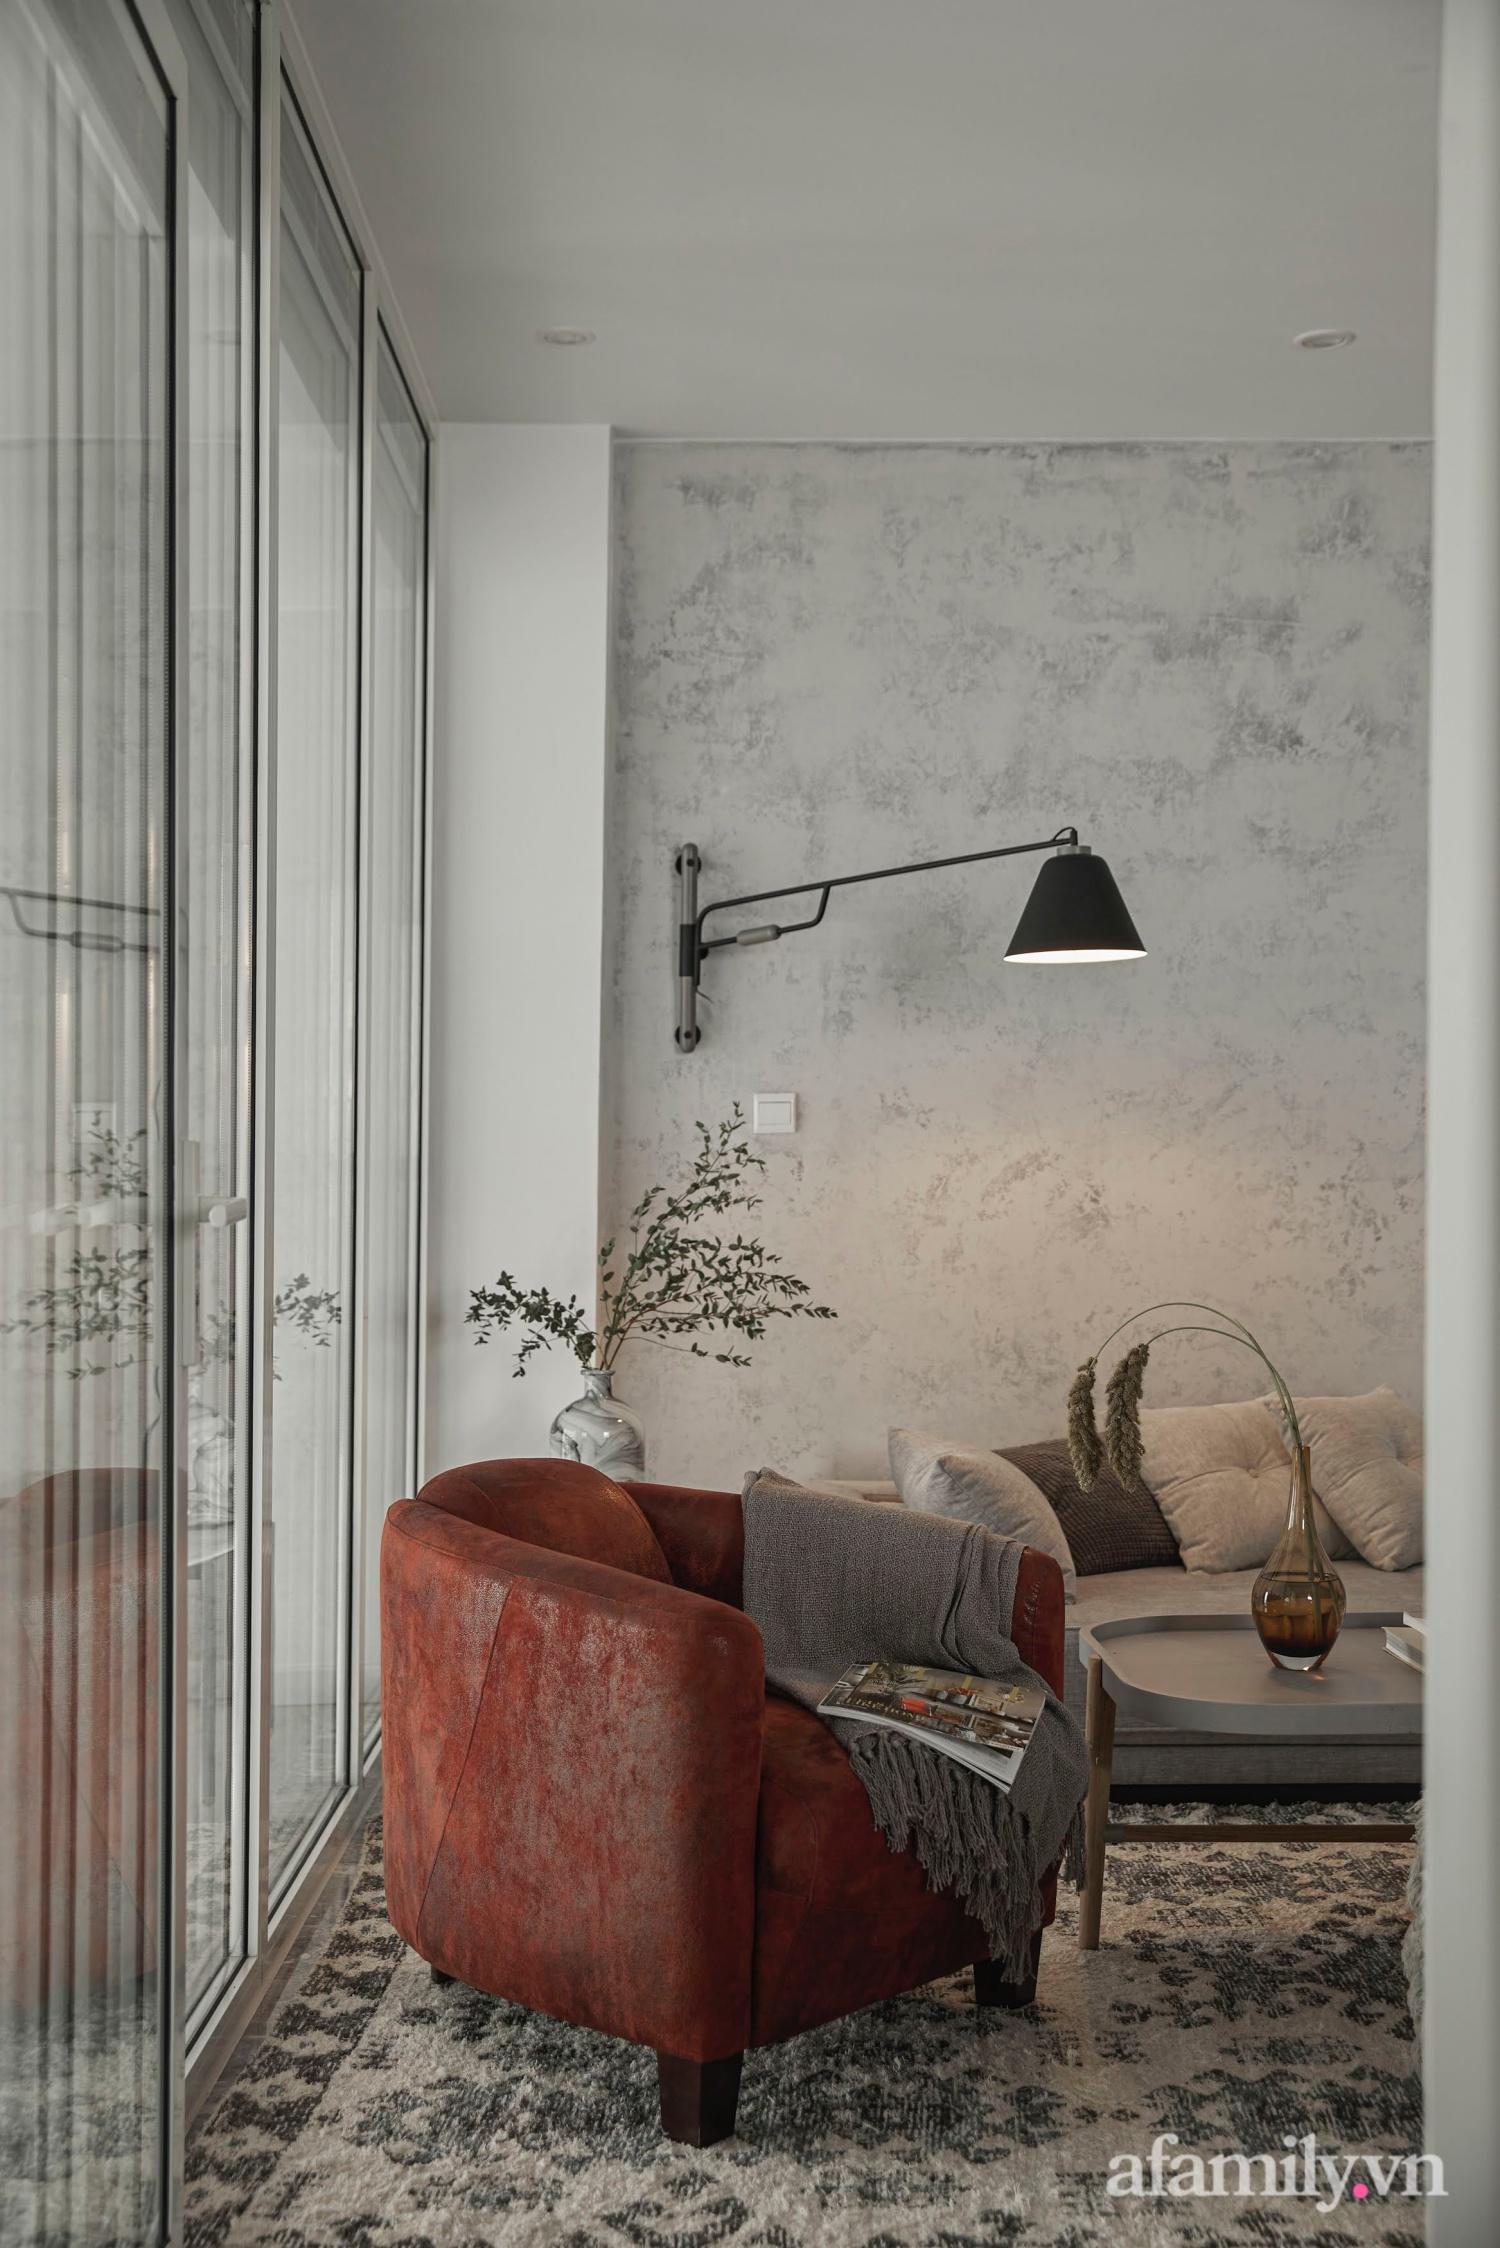 Căn hộ 2 tầng rộng 145m² đẹp sang trọng với điểm nhấn mộc mạc từ chất liệu bê tông ở Sài Gòn - Ảnh 17.